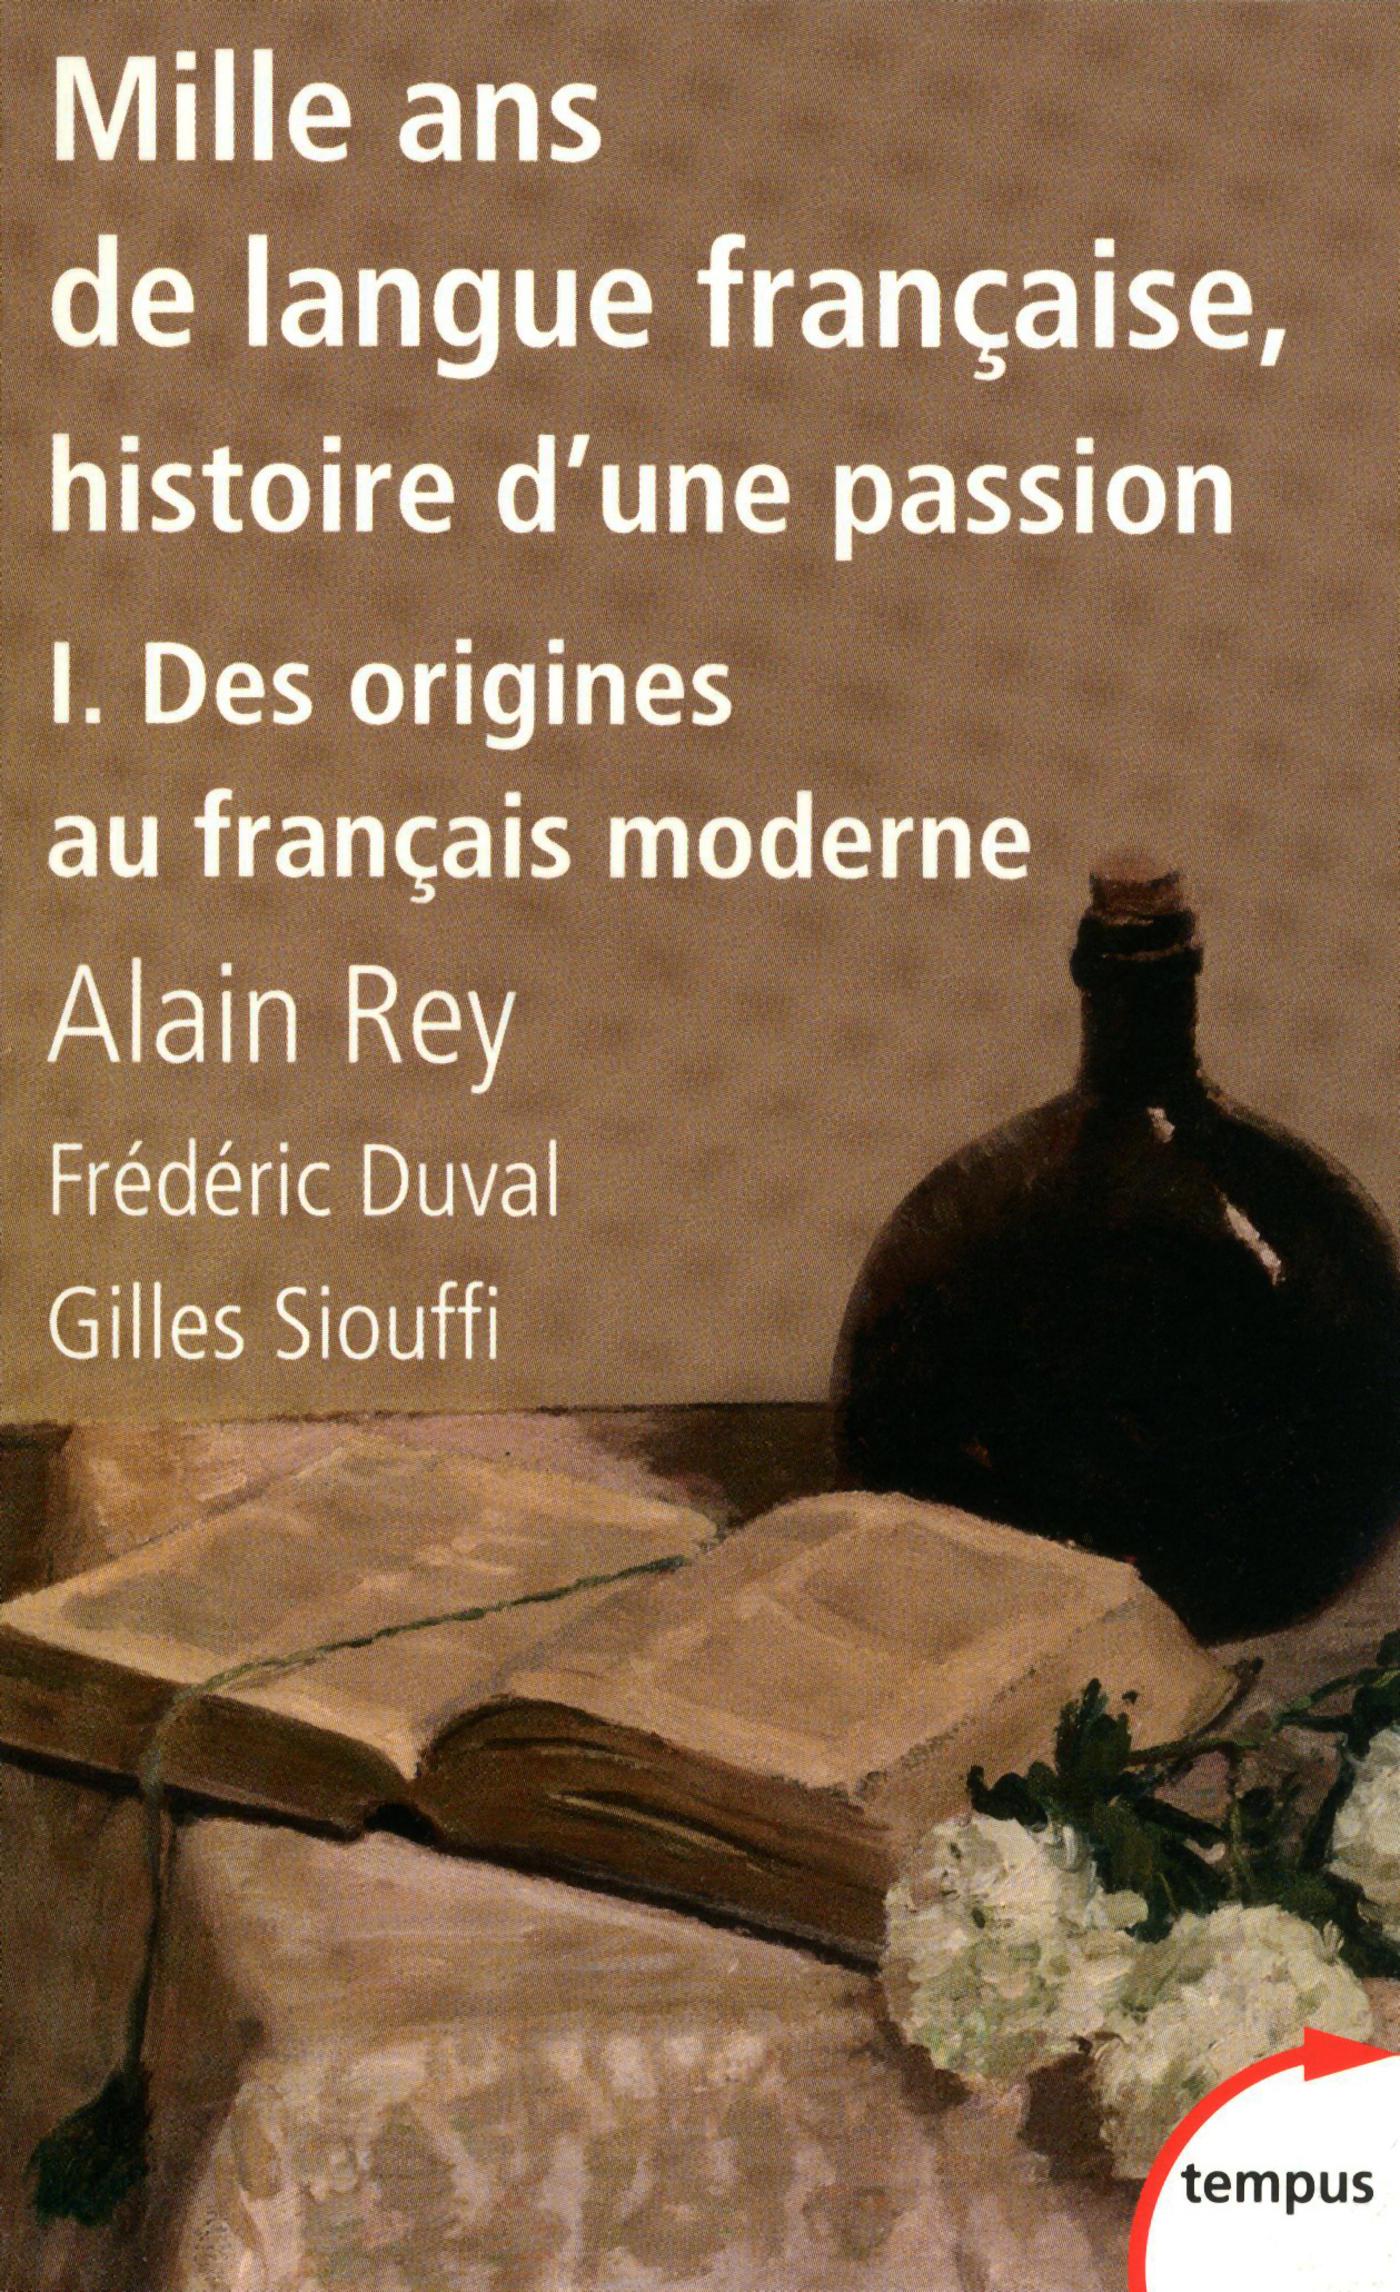 Mille ans de langue française, tome 1 : Des origines au français moderne (ebook)